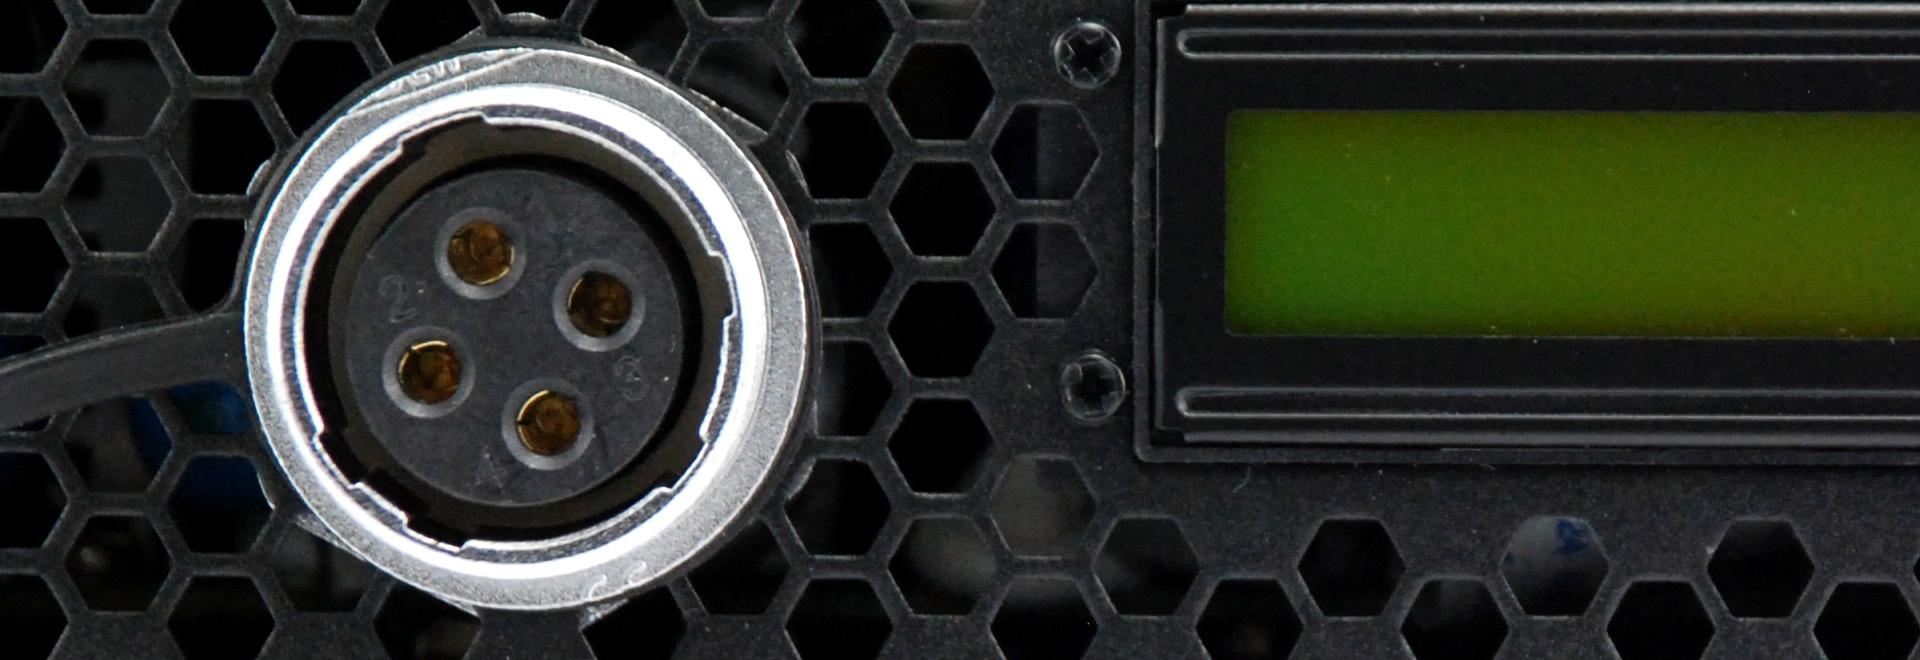 El adaptador del vatio AC/DC de Eurocom 780 dirige los embotellamientos del poder para los vendedores y los usuarios de alto rendimiento del ordenador portátil de SLI